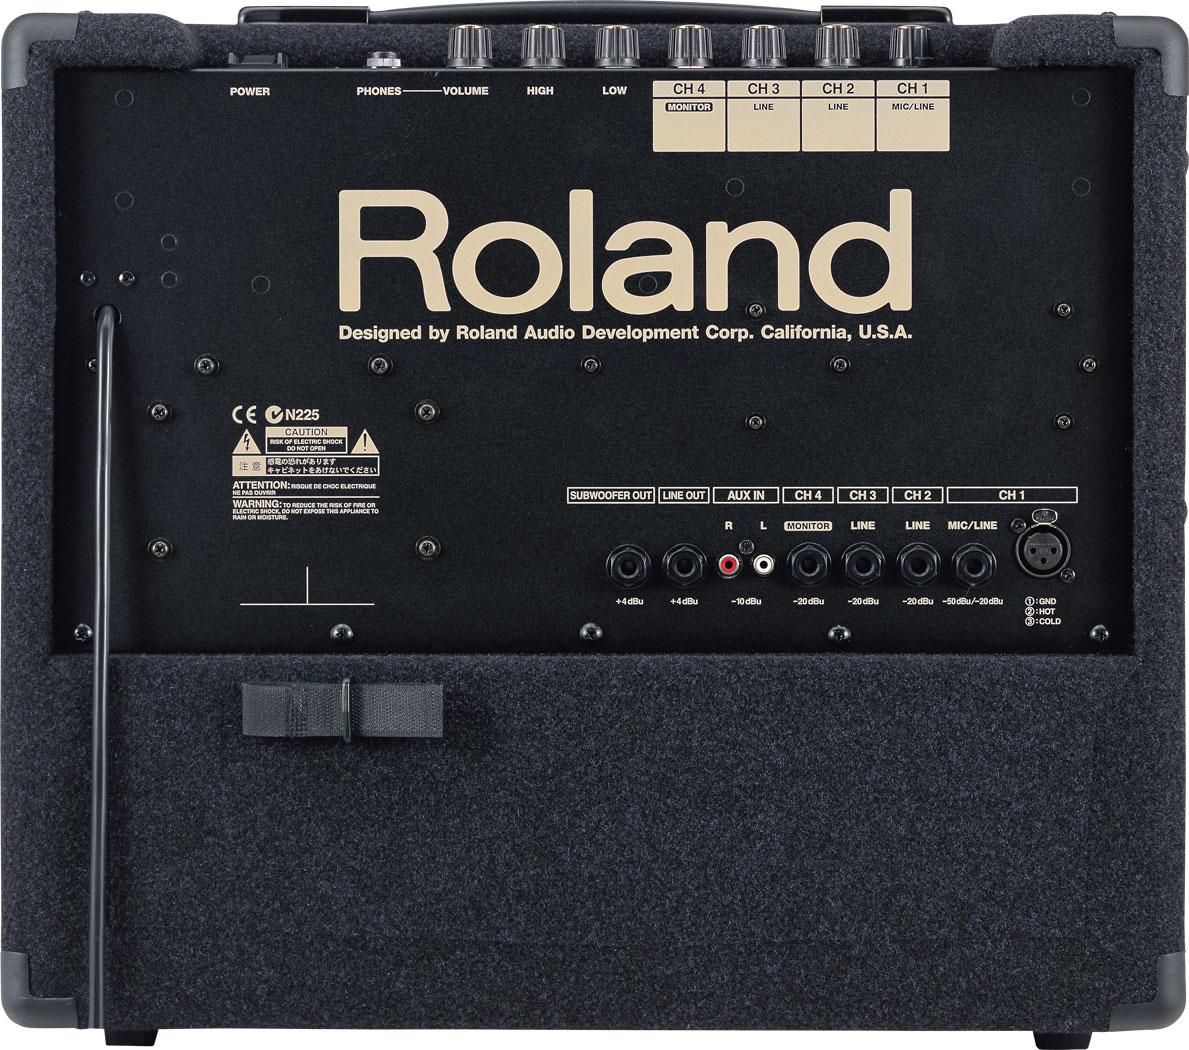 roland kc 150 4 ch mixing keyboard amplifier rh roland com Roland KC 400 Roland KC- 150